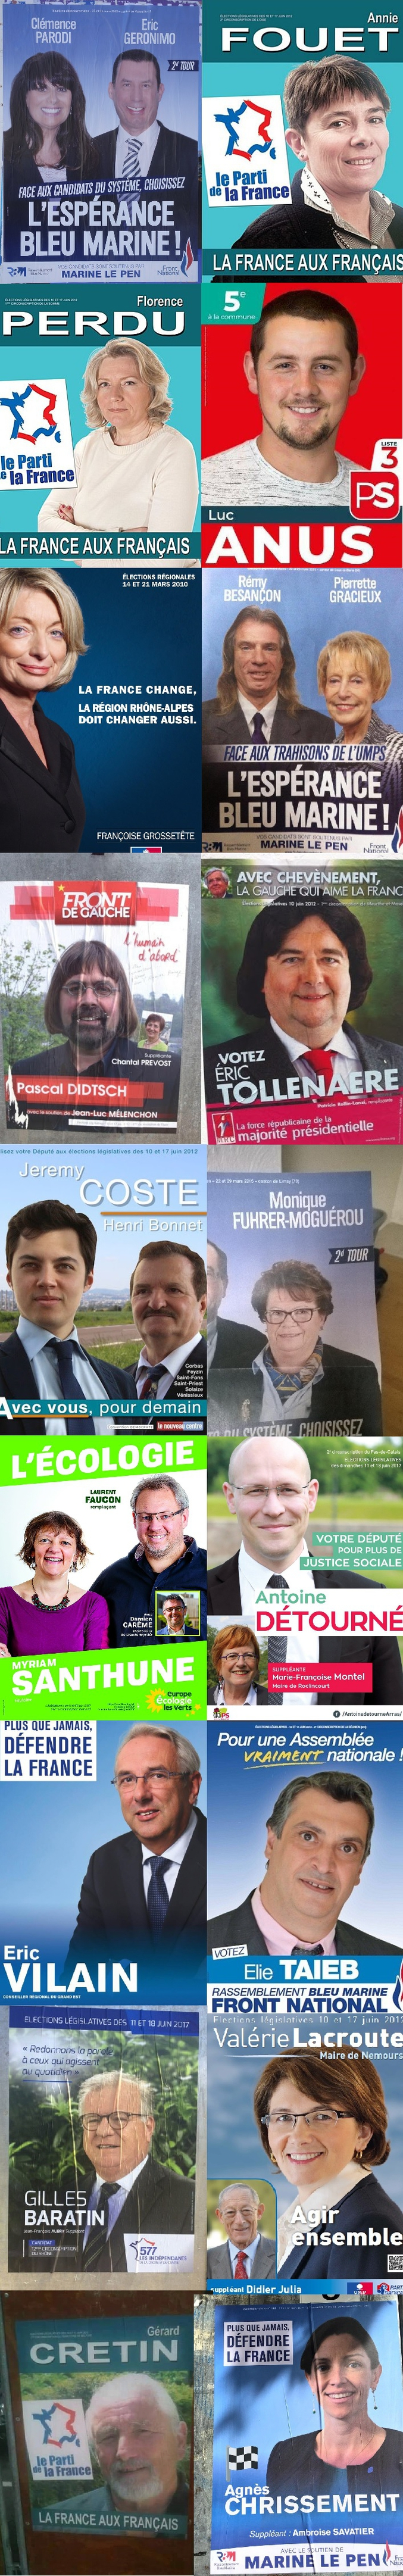 Quelques affiches électorales à base de noms improbables et de gueules pas possibles.